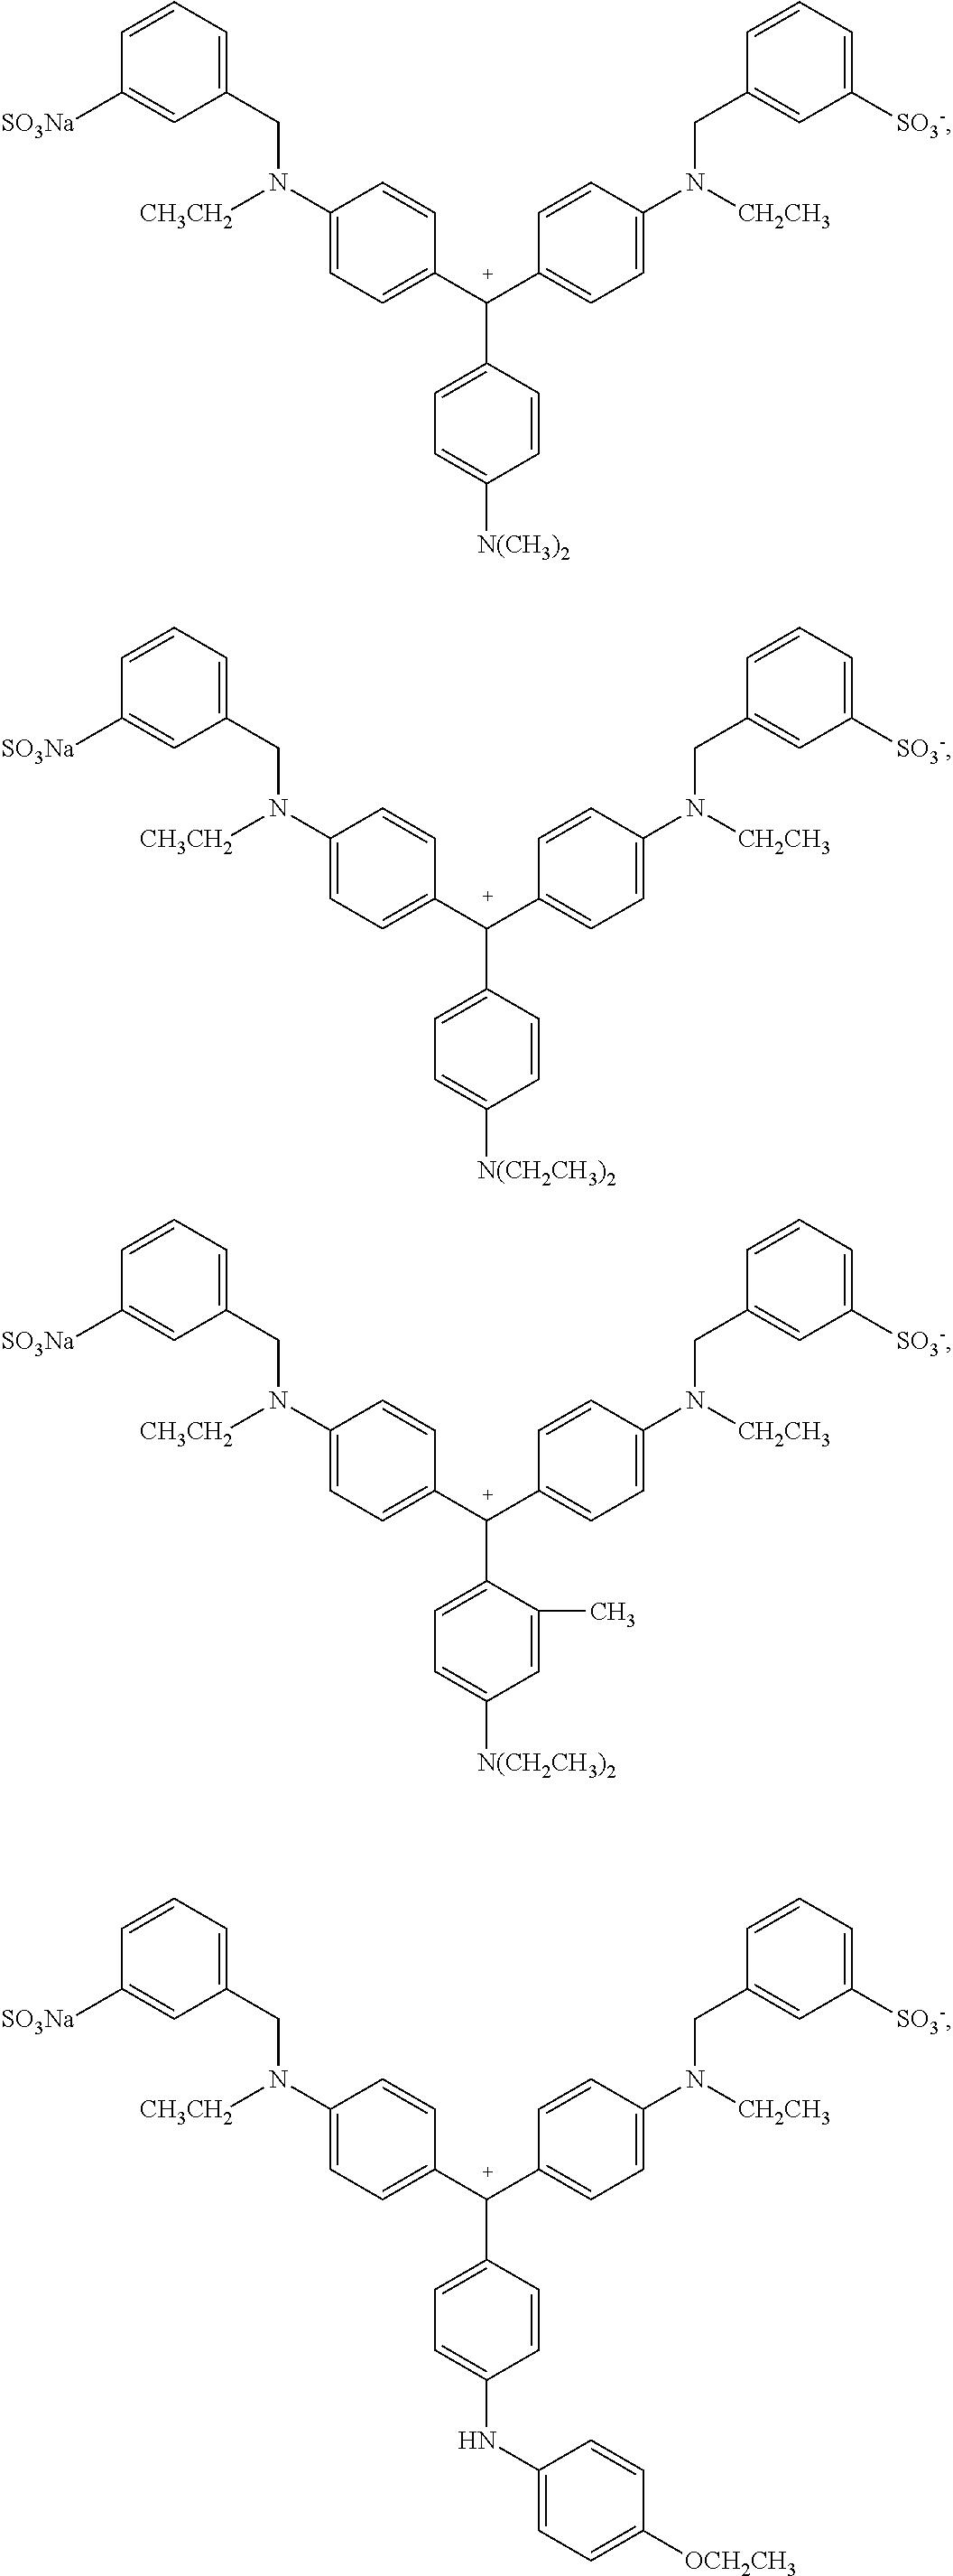 Figure US20110212876A1-20110901-C00006